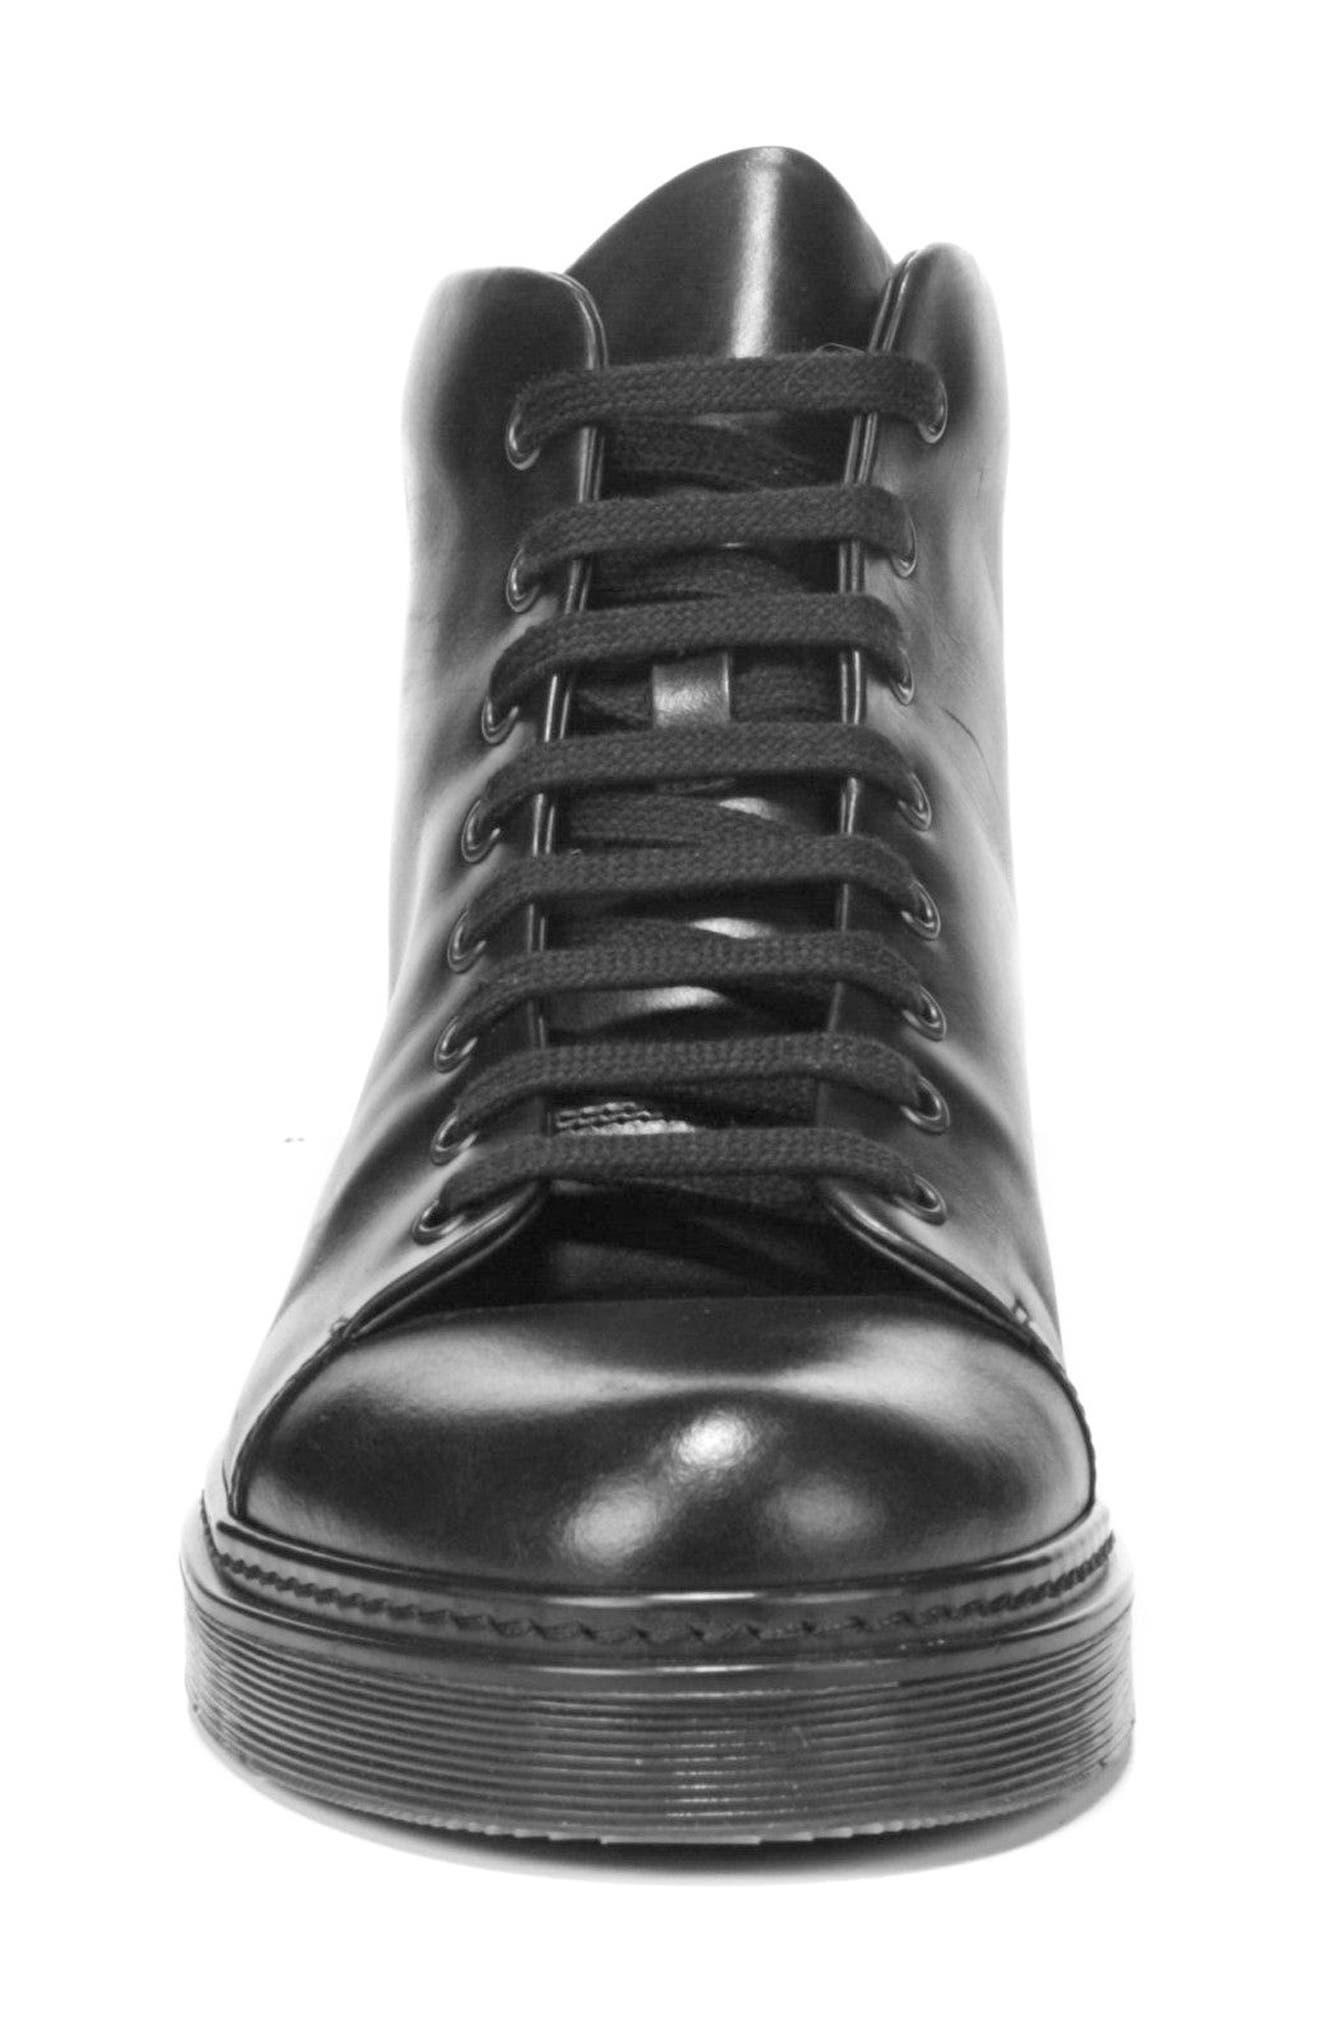 Malone Plain Toe Boot,                             Alternate thumbnail 4, color,                             Black